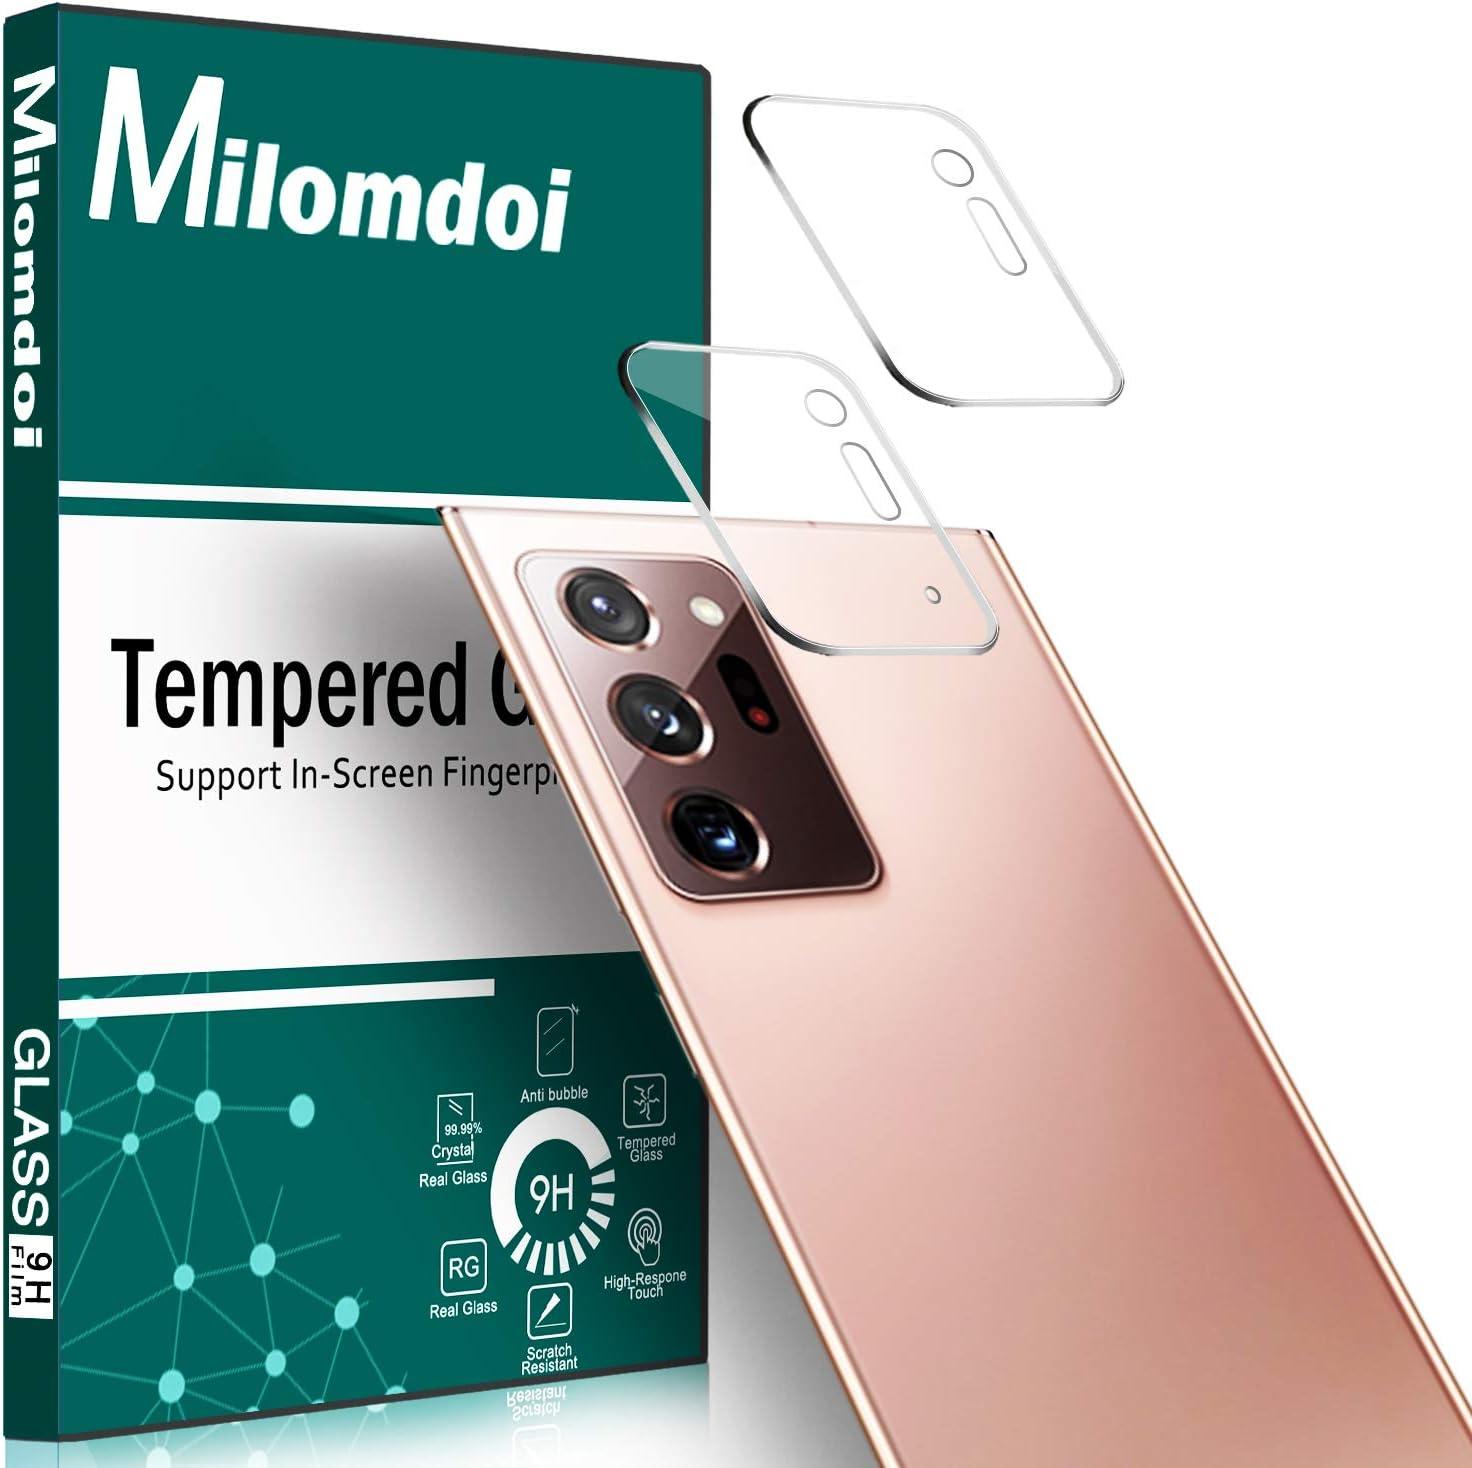 Milomdoi [2 Unidades] Protector Cámara para Samsung Galaxy Note 20 Ultra Protector de Lente de cámara, Cristal Templado [Resistente Arañazos] [Ultrafino] Protector para cámara